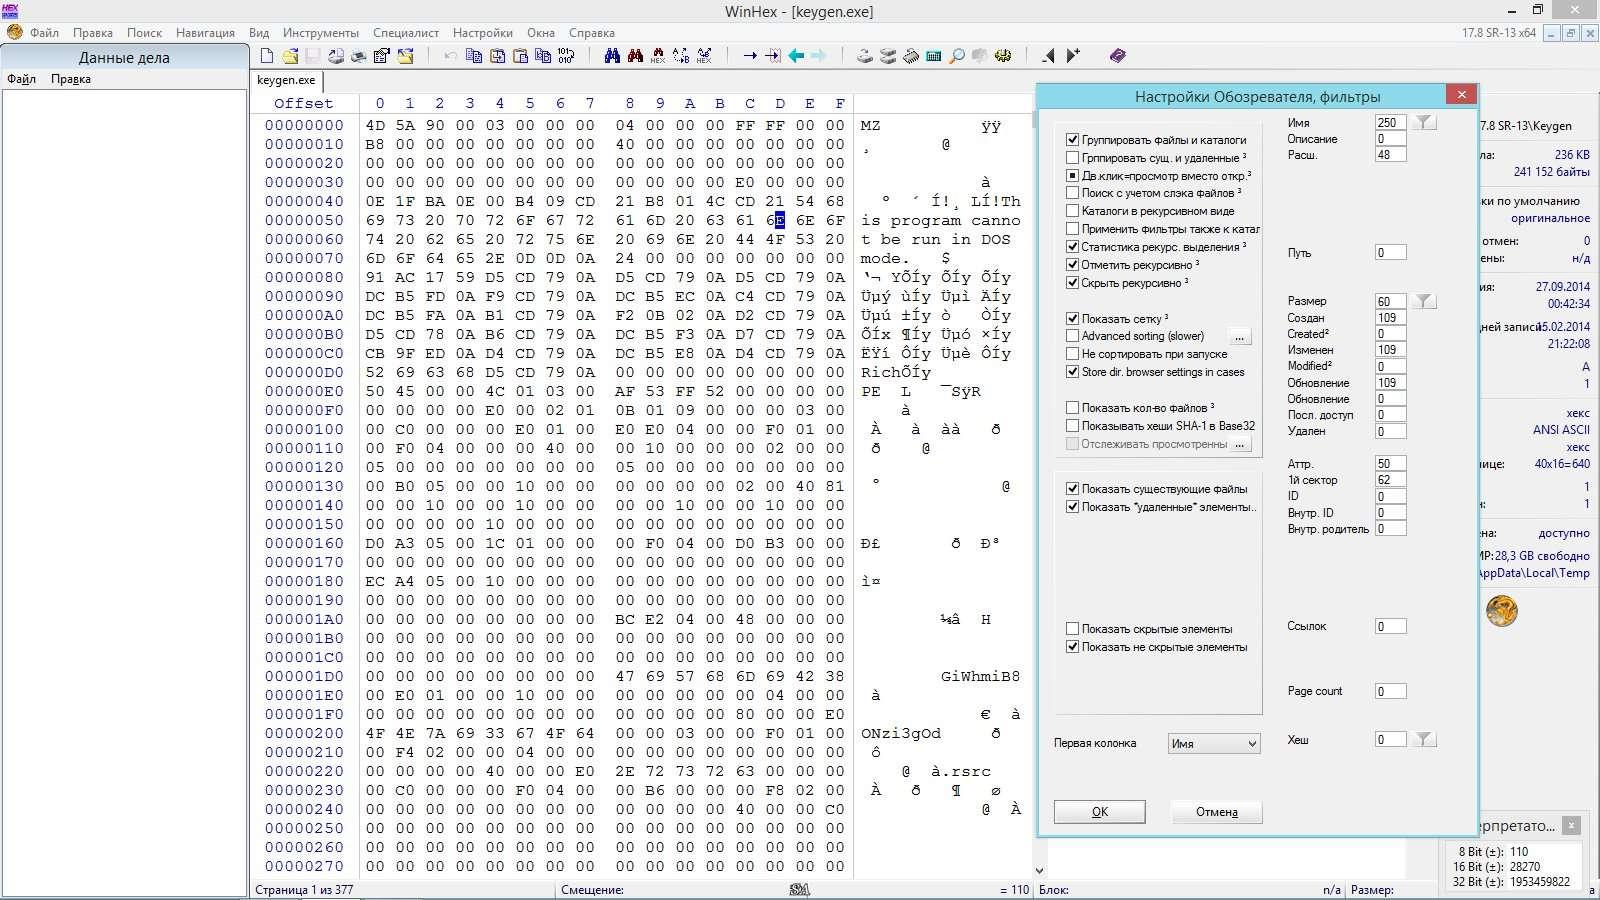 Що таке файл .bin і як його відкрити?